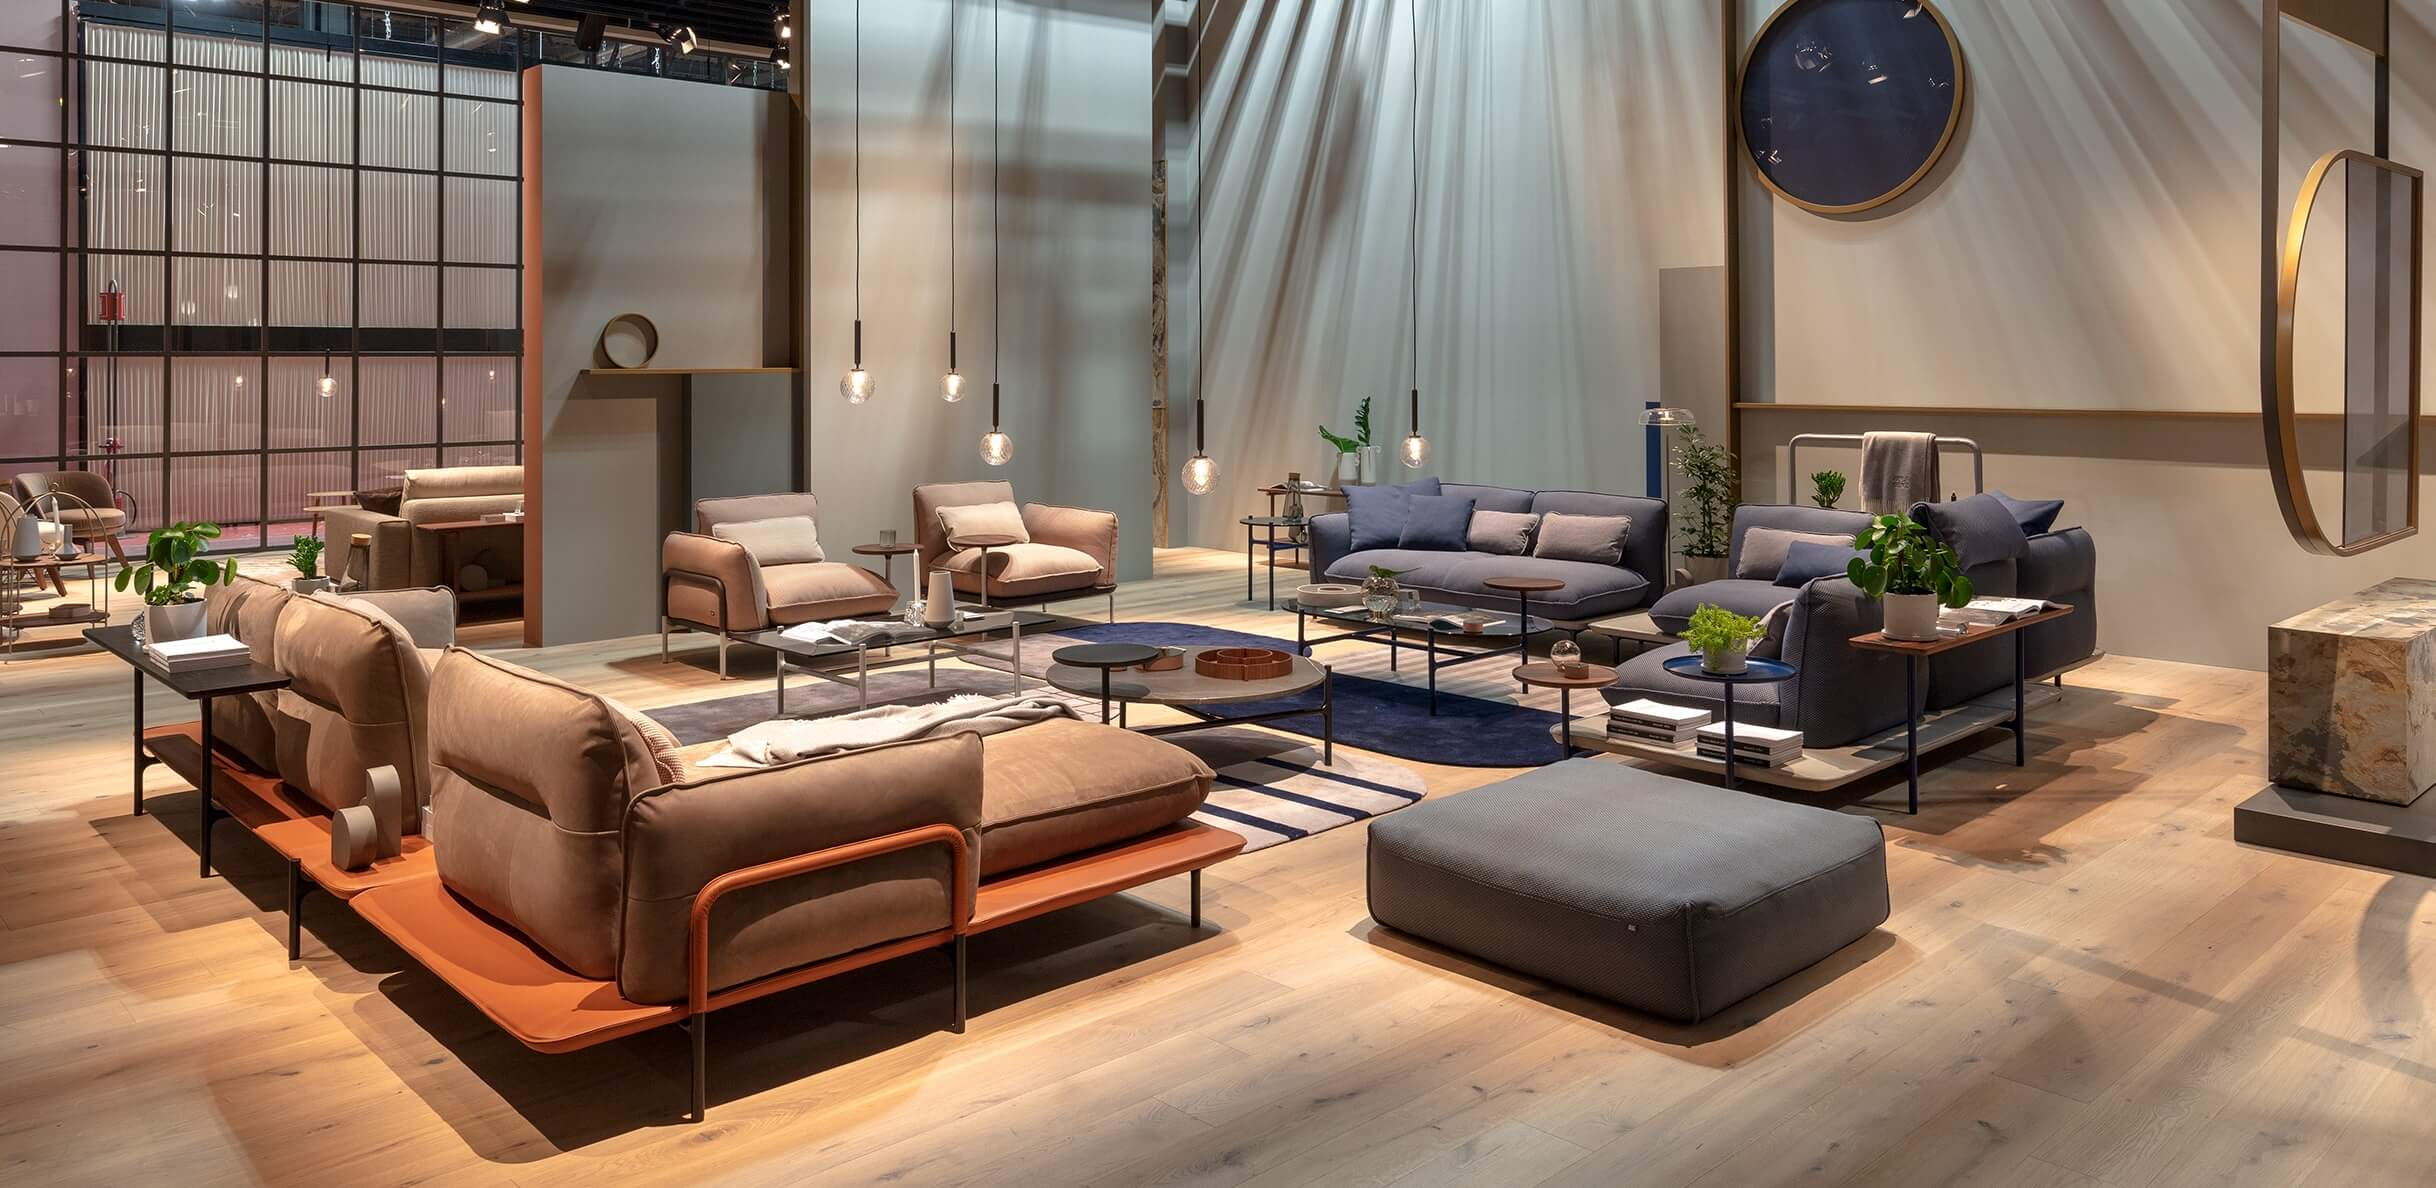 Designermöbel Ausstellungsstücke Direkt Vom Premiumhändler